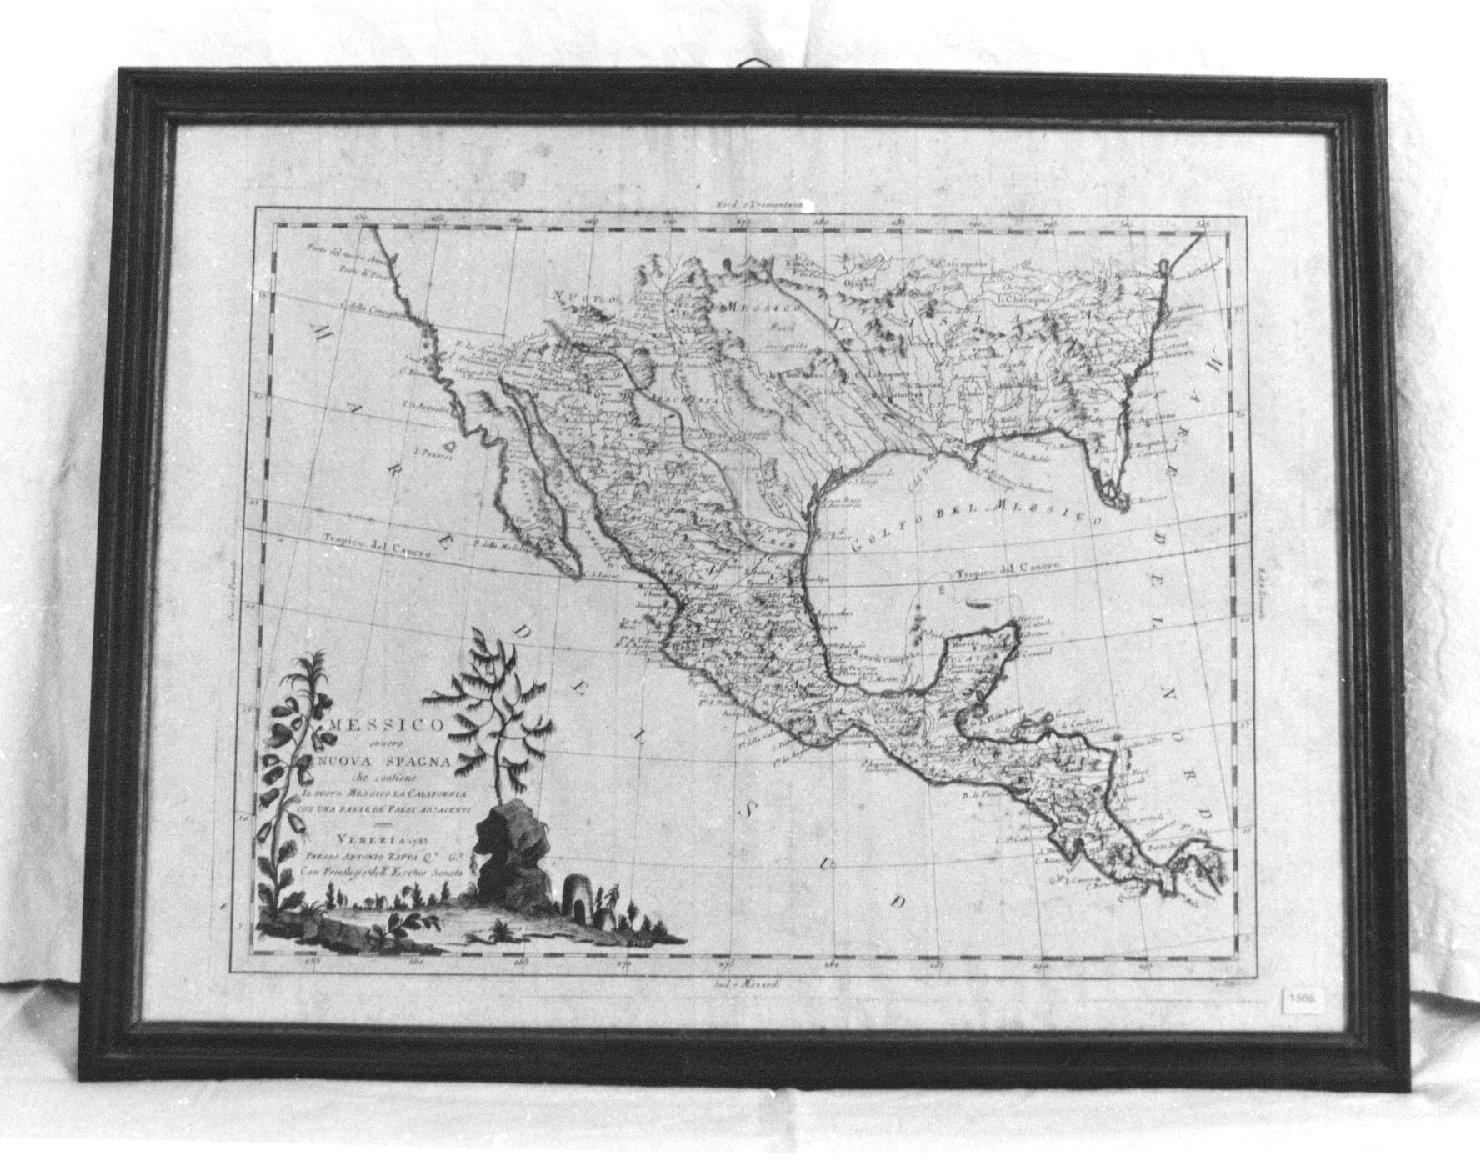 Messico, ovvero nuova Spagna che contiene il Nuovo Messico, la California con una parte dei paesi adjacenti, geografia (stampa) di Pitteri G (sec. XVIII)